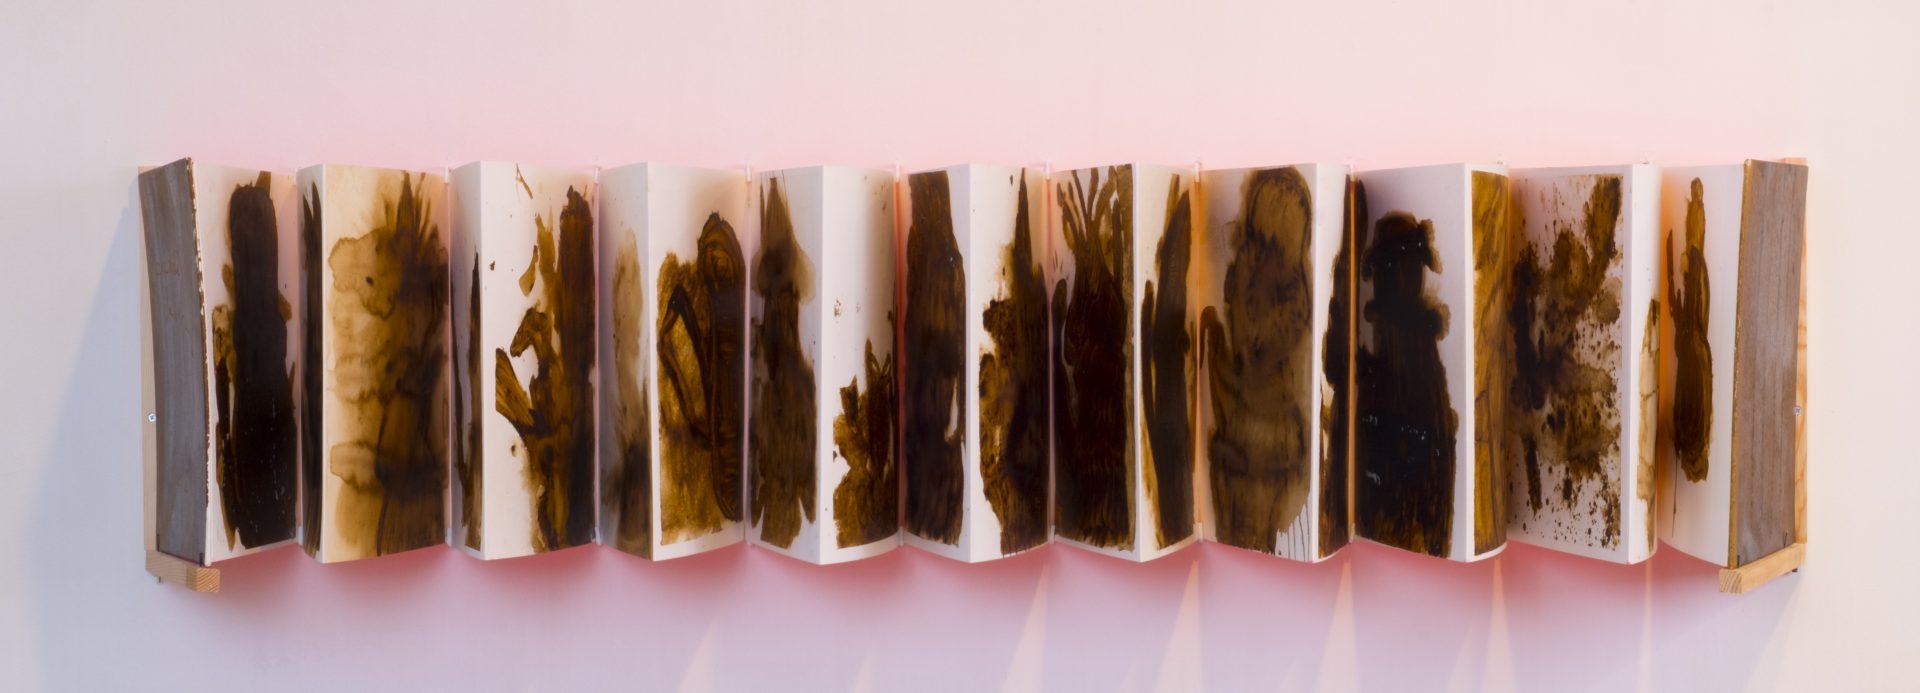 Racconti d'ombra<br>APR05<br>misure: 70 x 100 cm<br>tecnica: colature di estratto di liquirizia su carta bianca <br>anno: 2018<br><br>DISPONIBILE